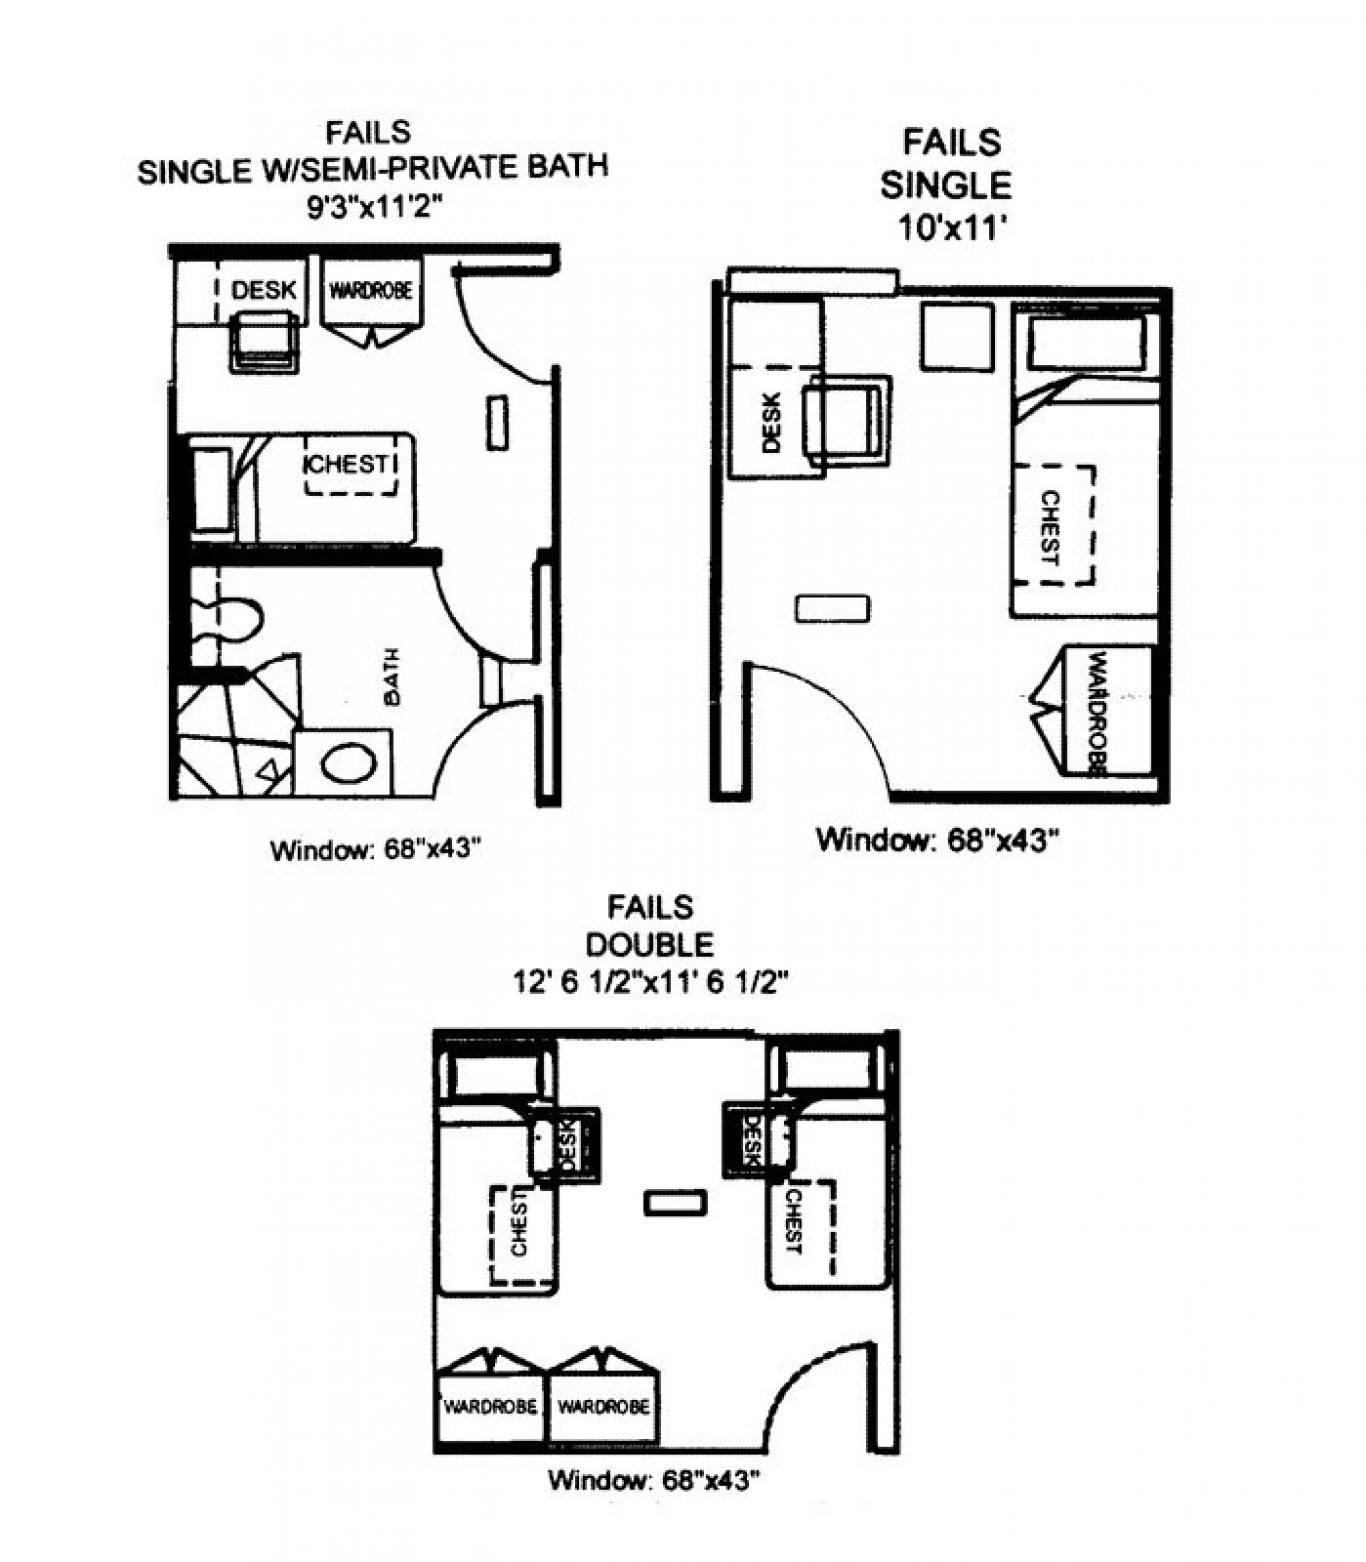 Fails Hall floorplan